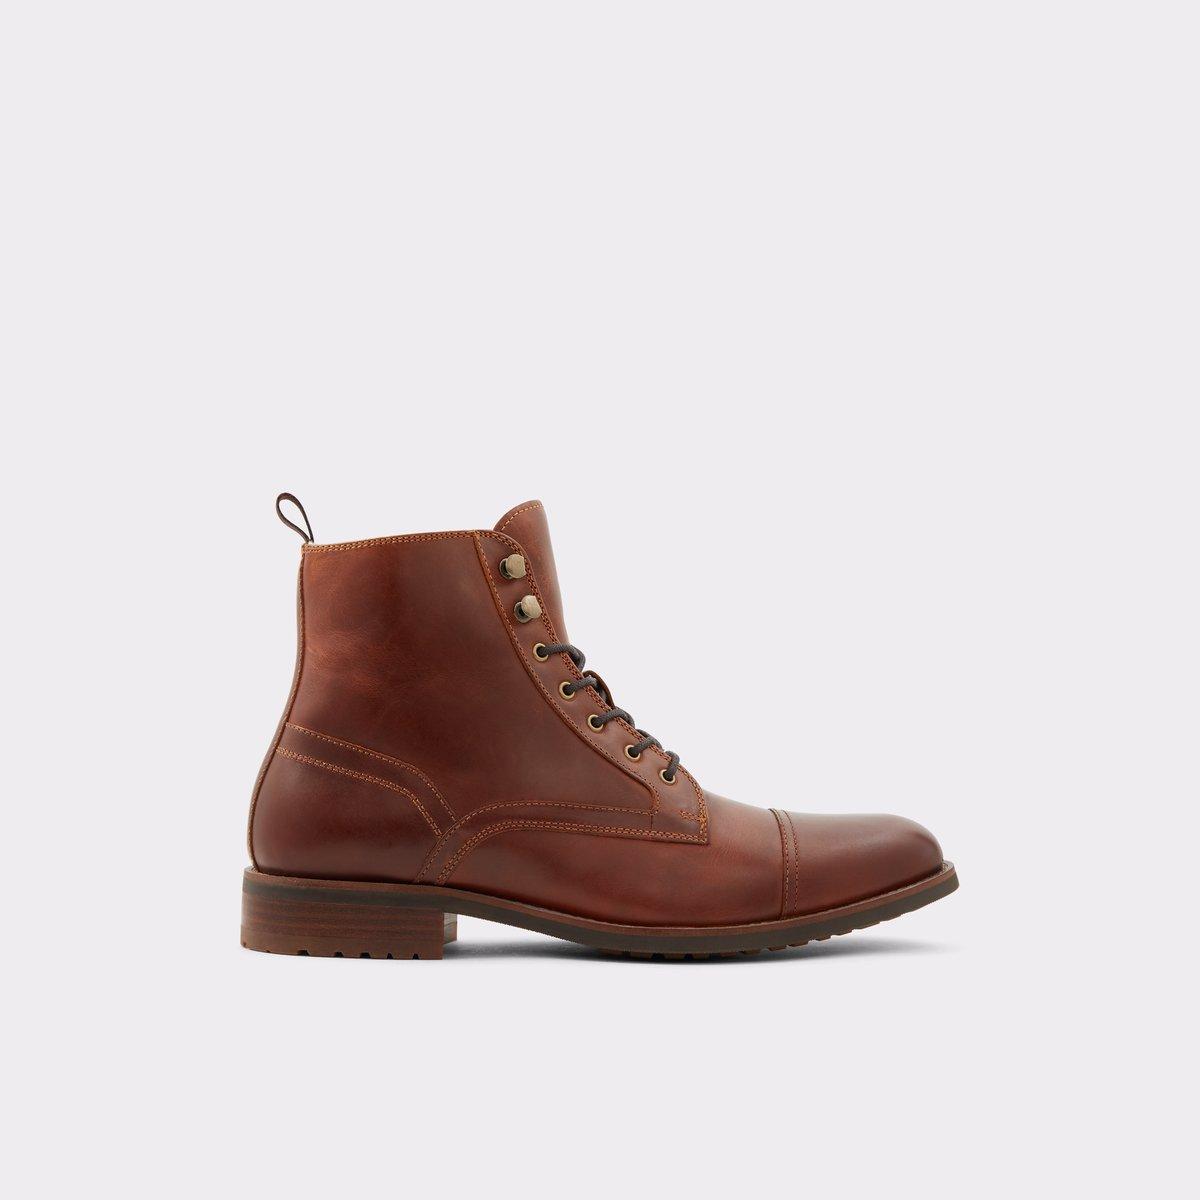 Giawet Medium Brown Pour homme Bottes décontractées  d9732981985